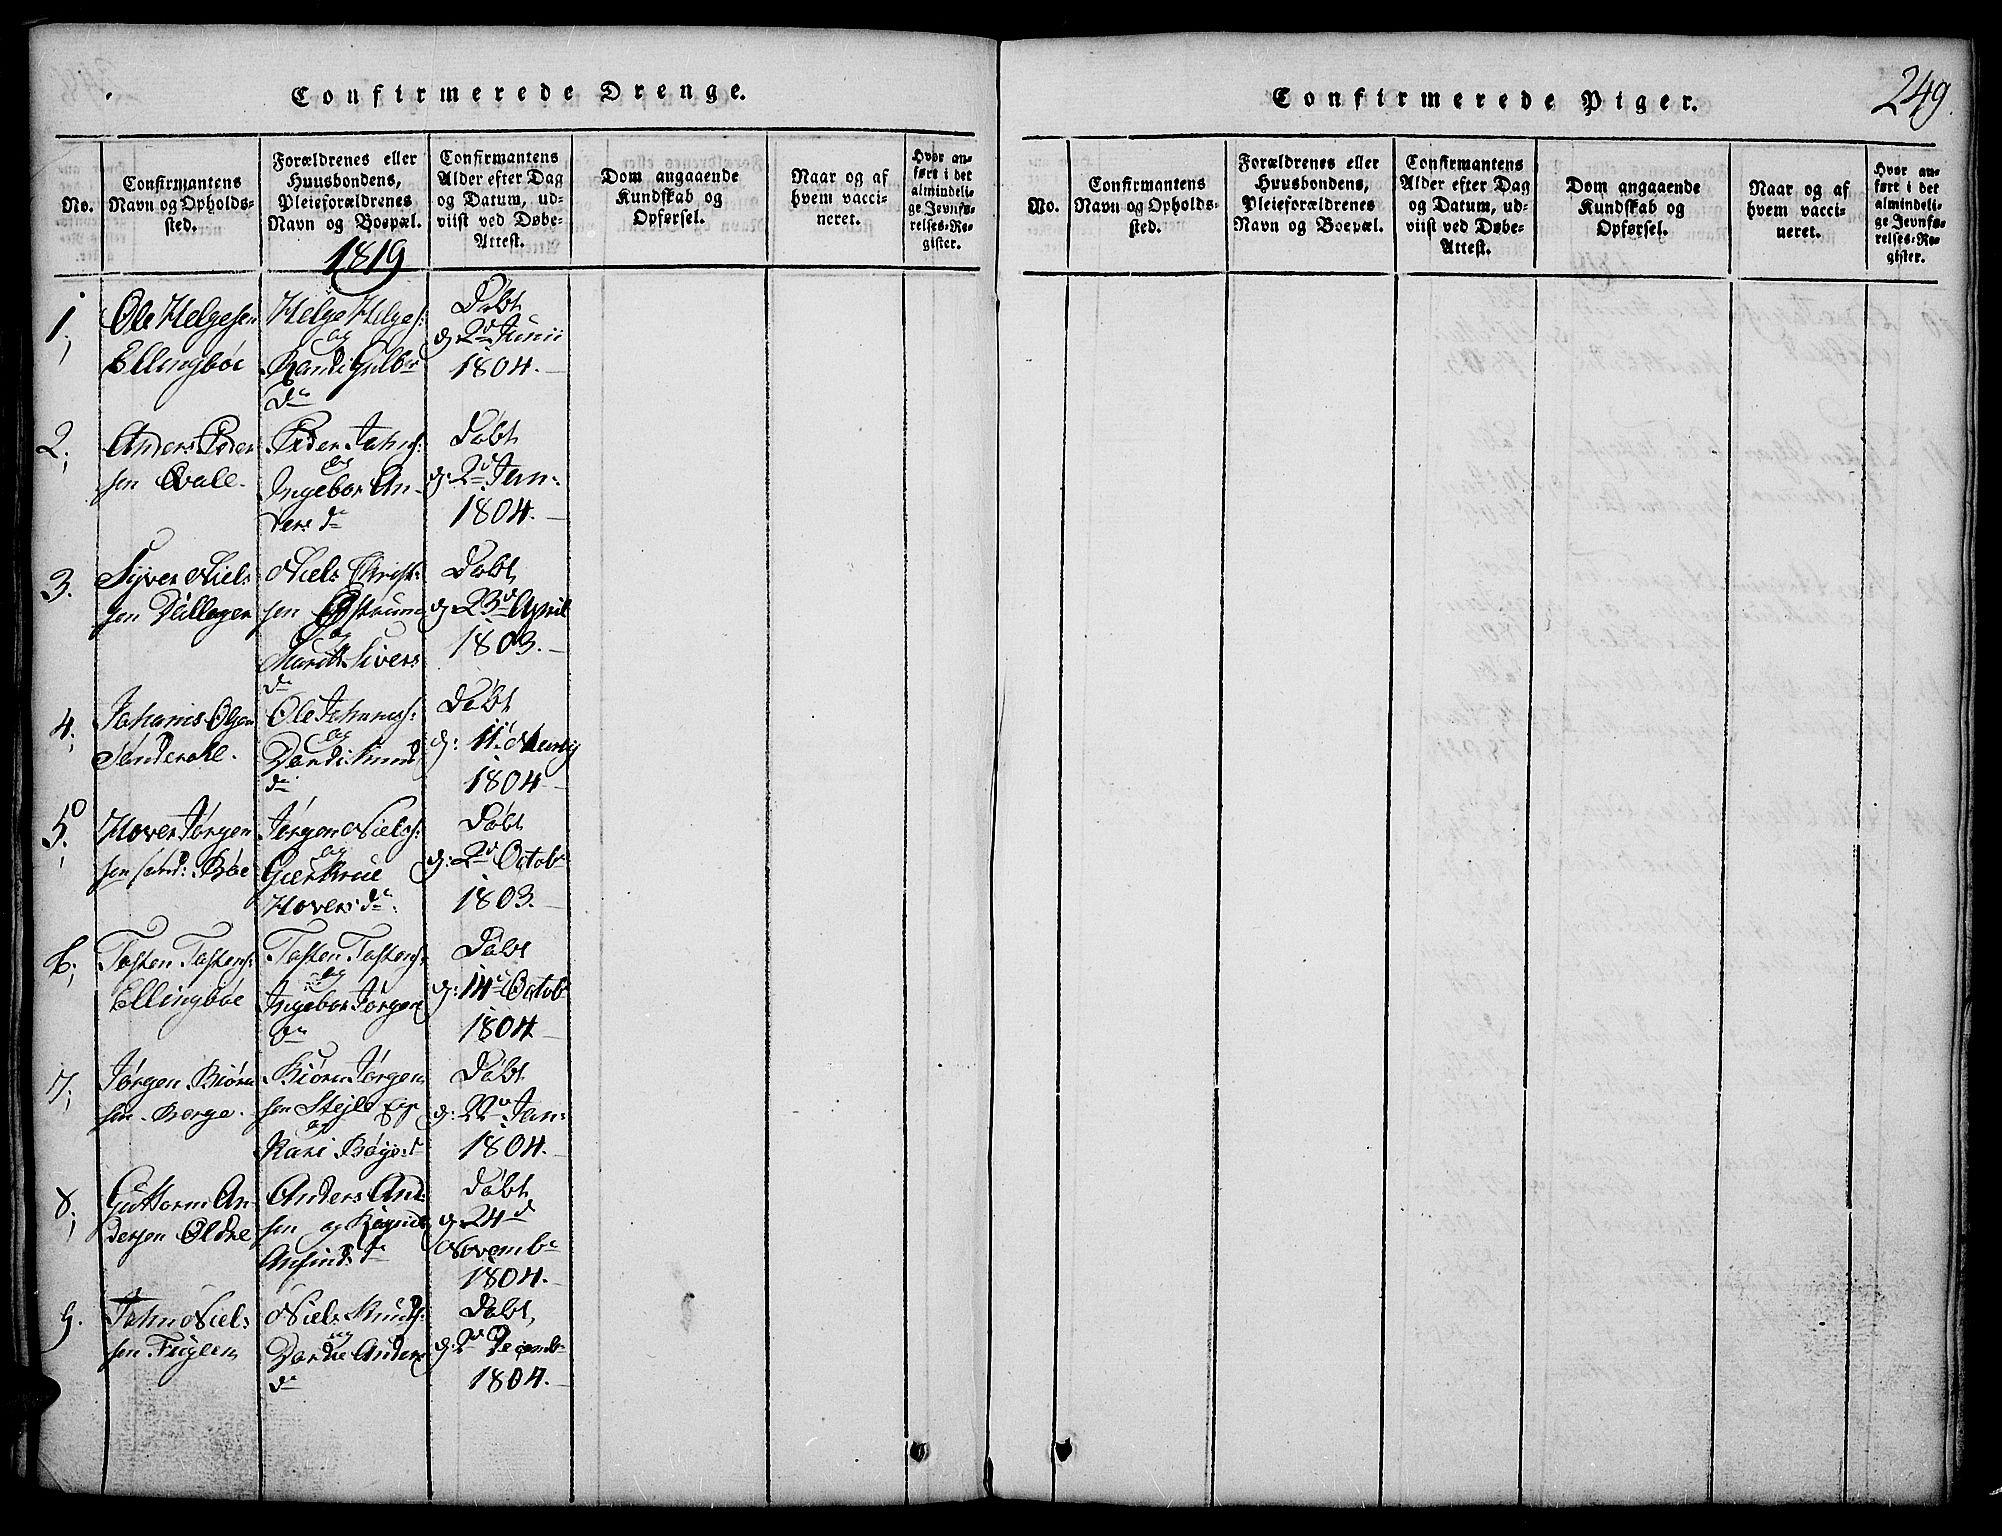 SAH, Vang prestekontor, Valdres, Klokkerbok nr. 2, 1814-1889, s. 249